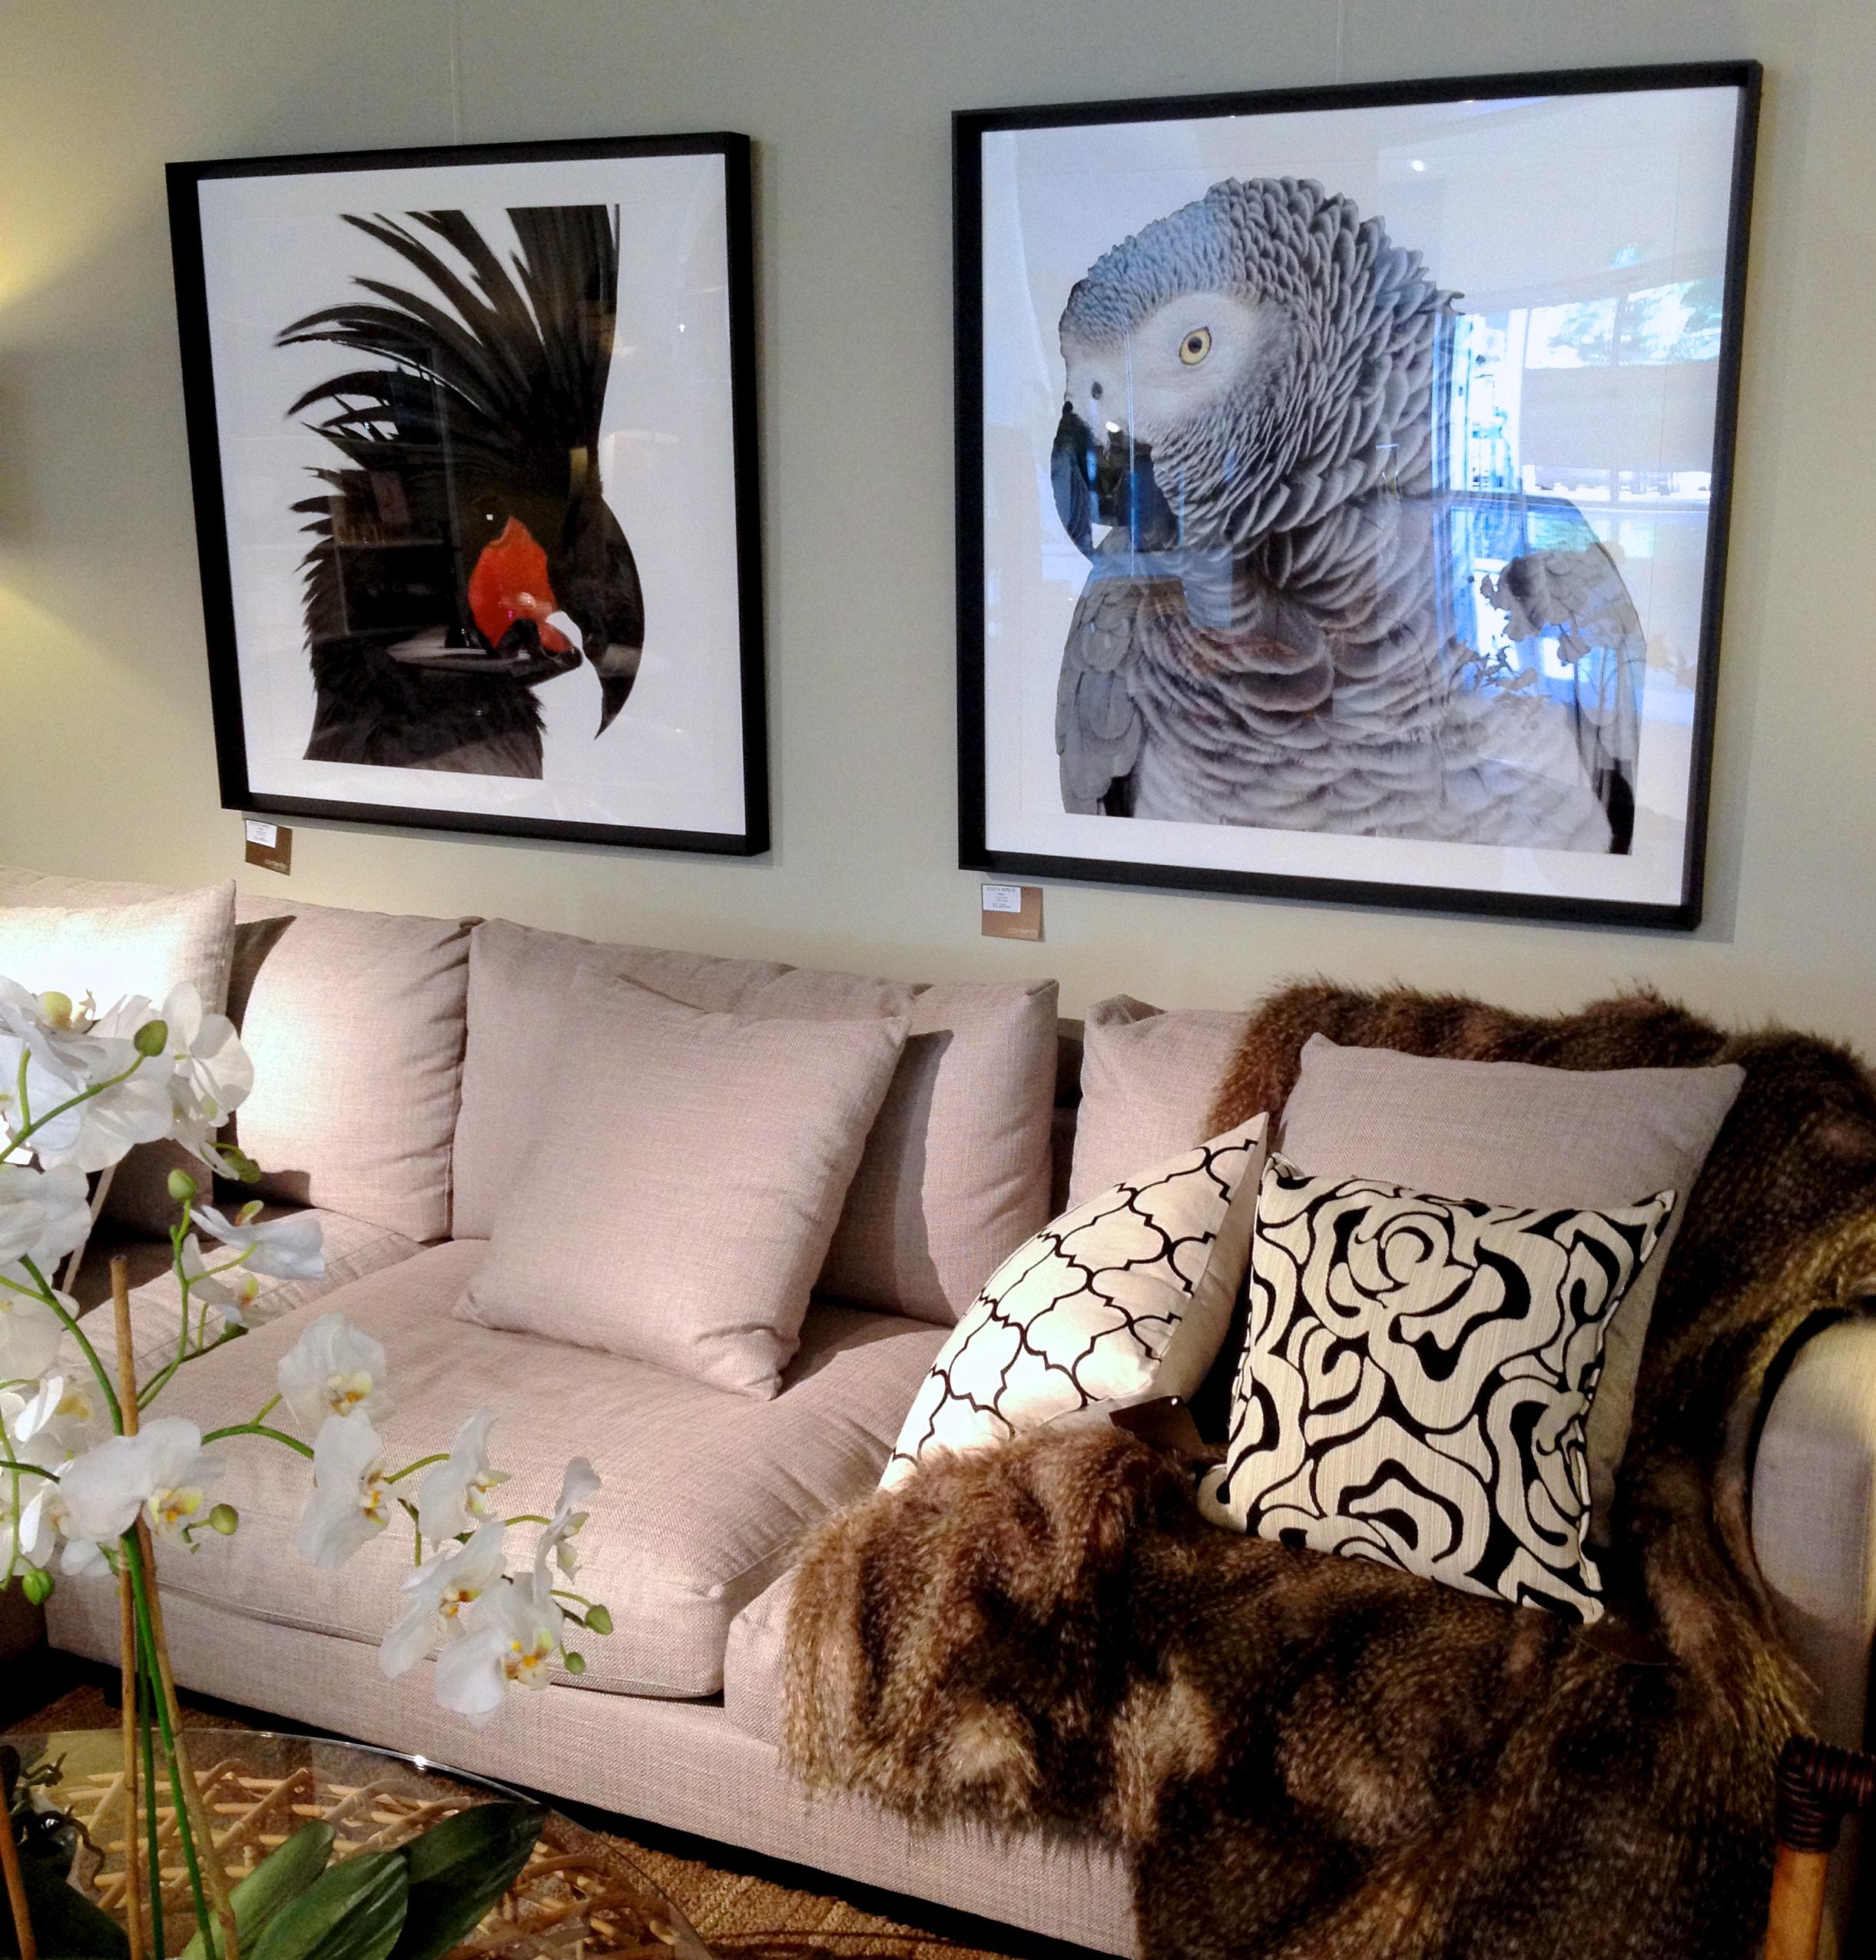 Bird Art - Contents International Design